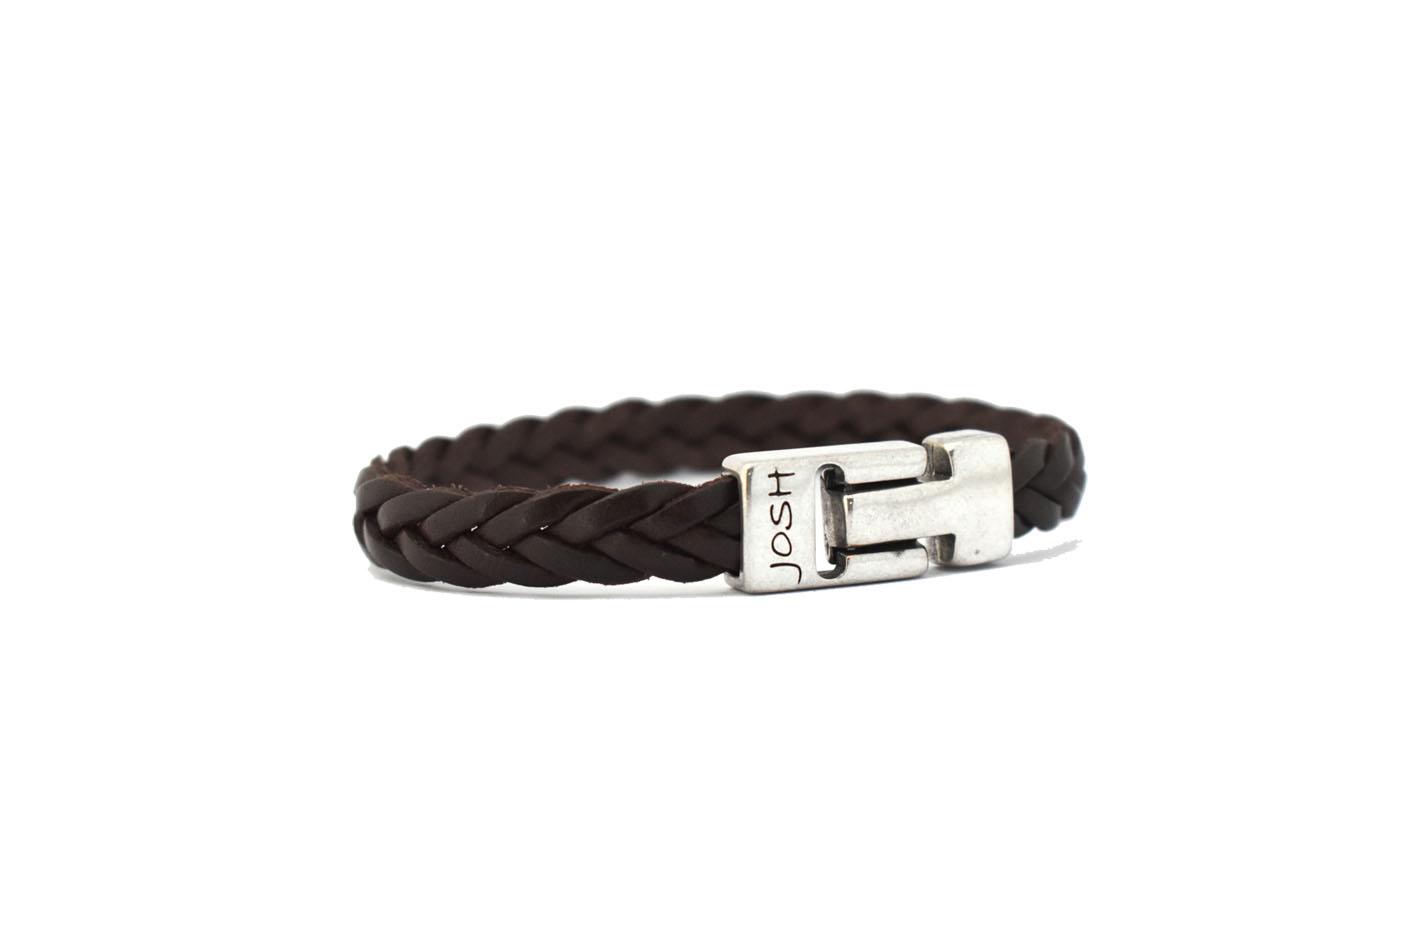 Josh armband - bruin leer - Te koop bij Sparnaaij Juweliers in Hoofddorp